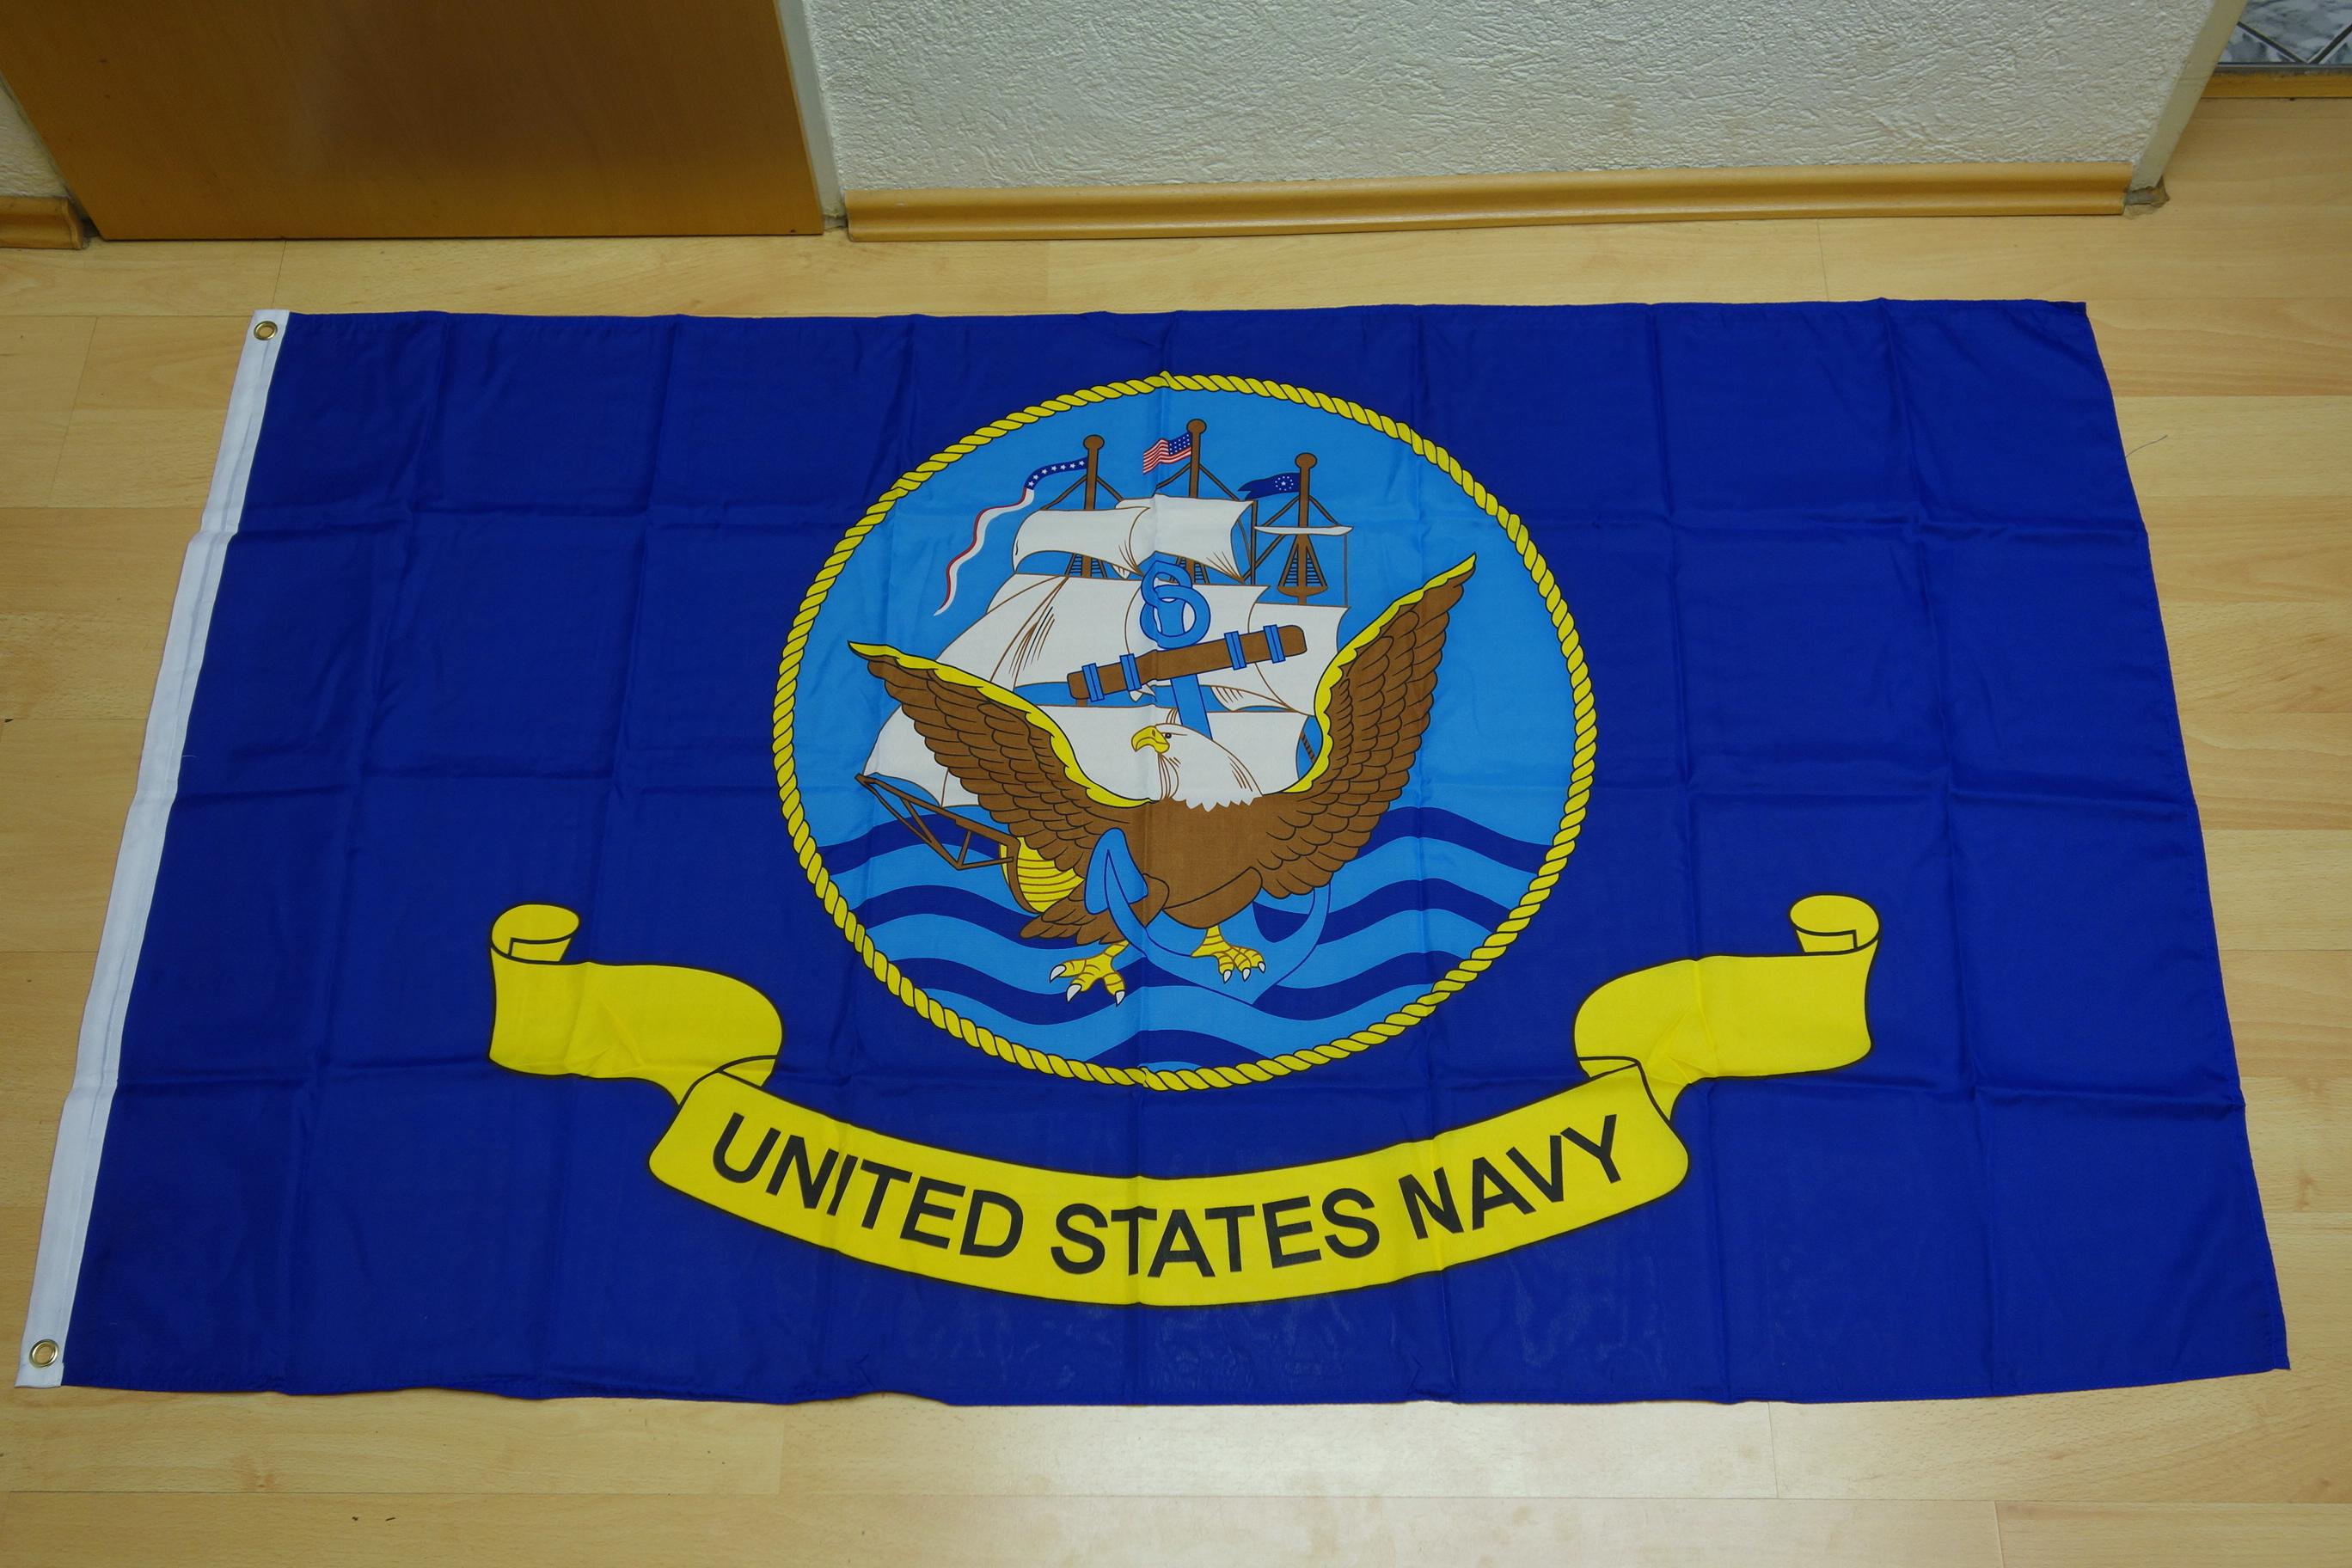 United States Navy - 90 x 150 cm